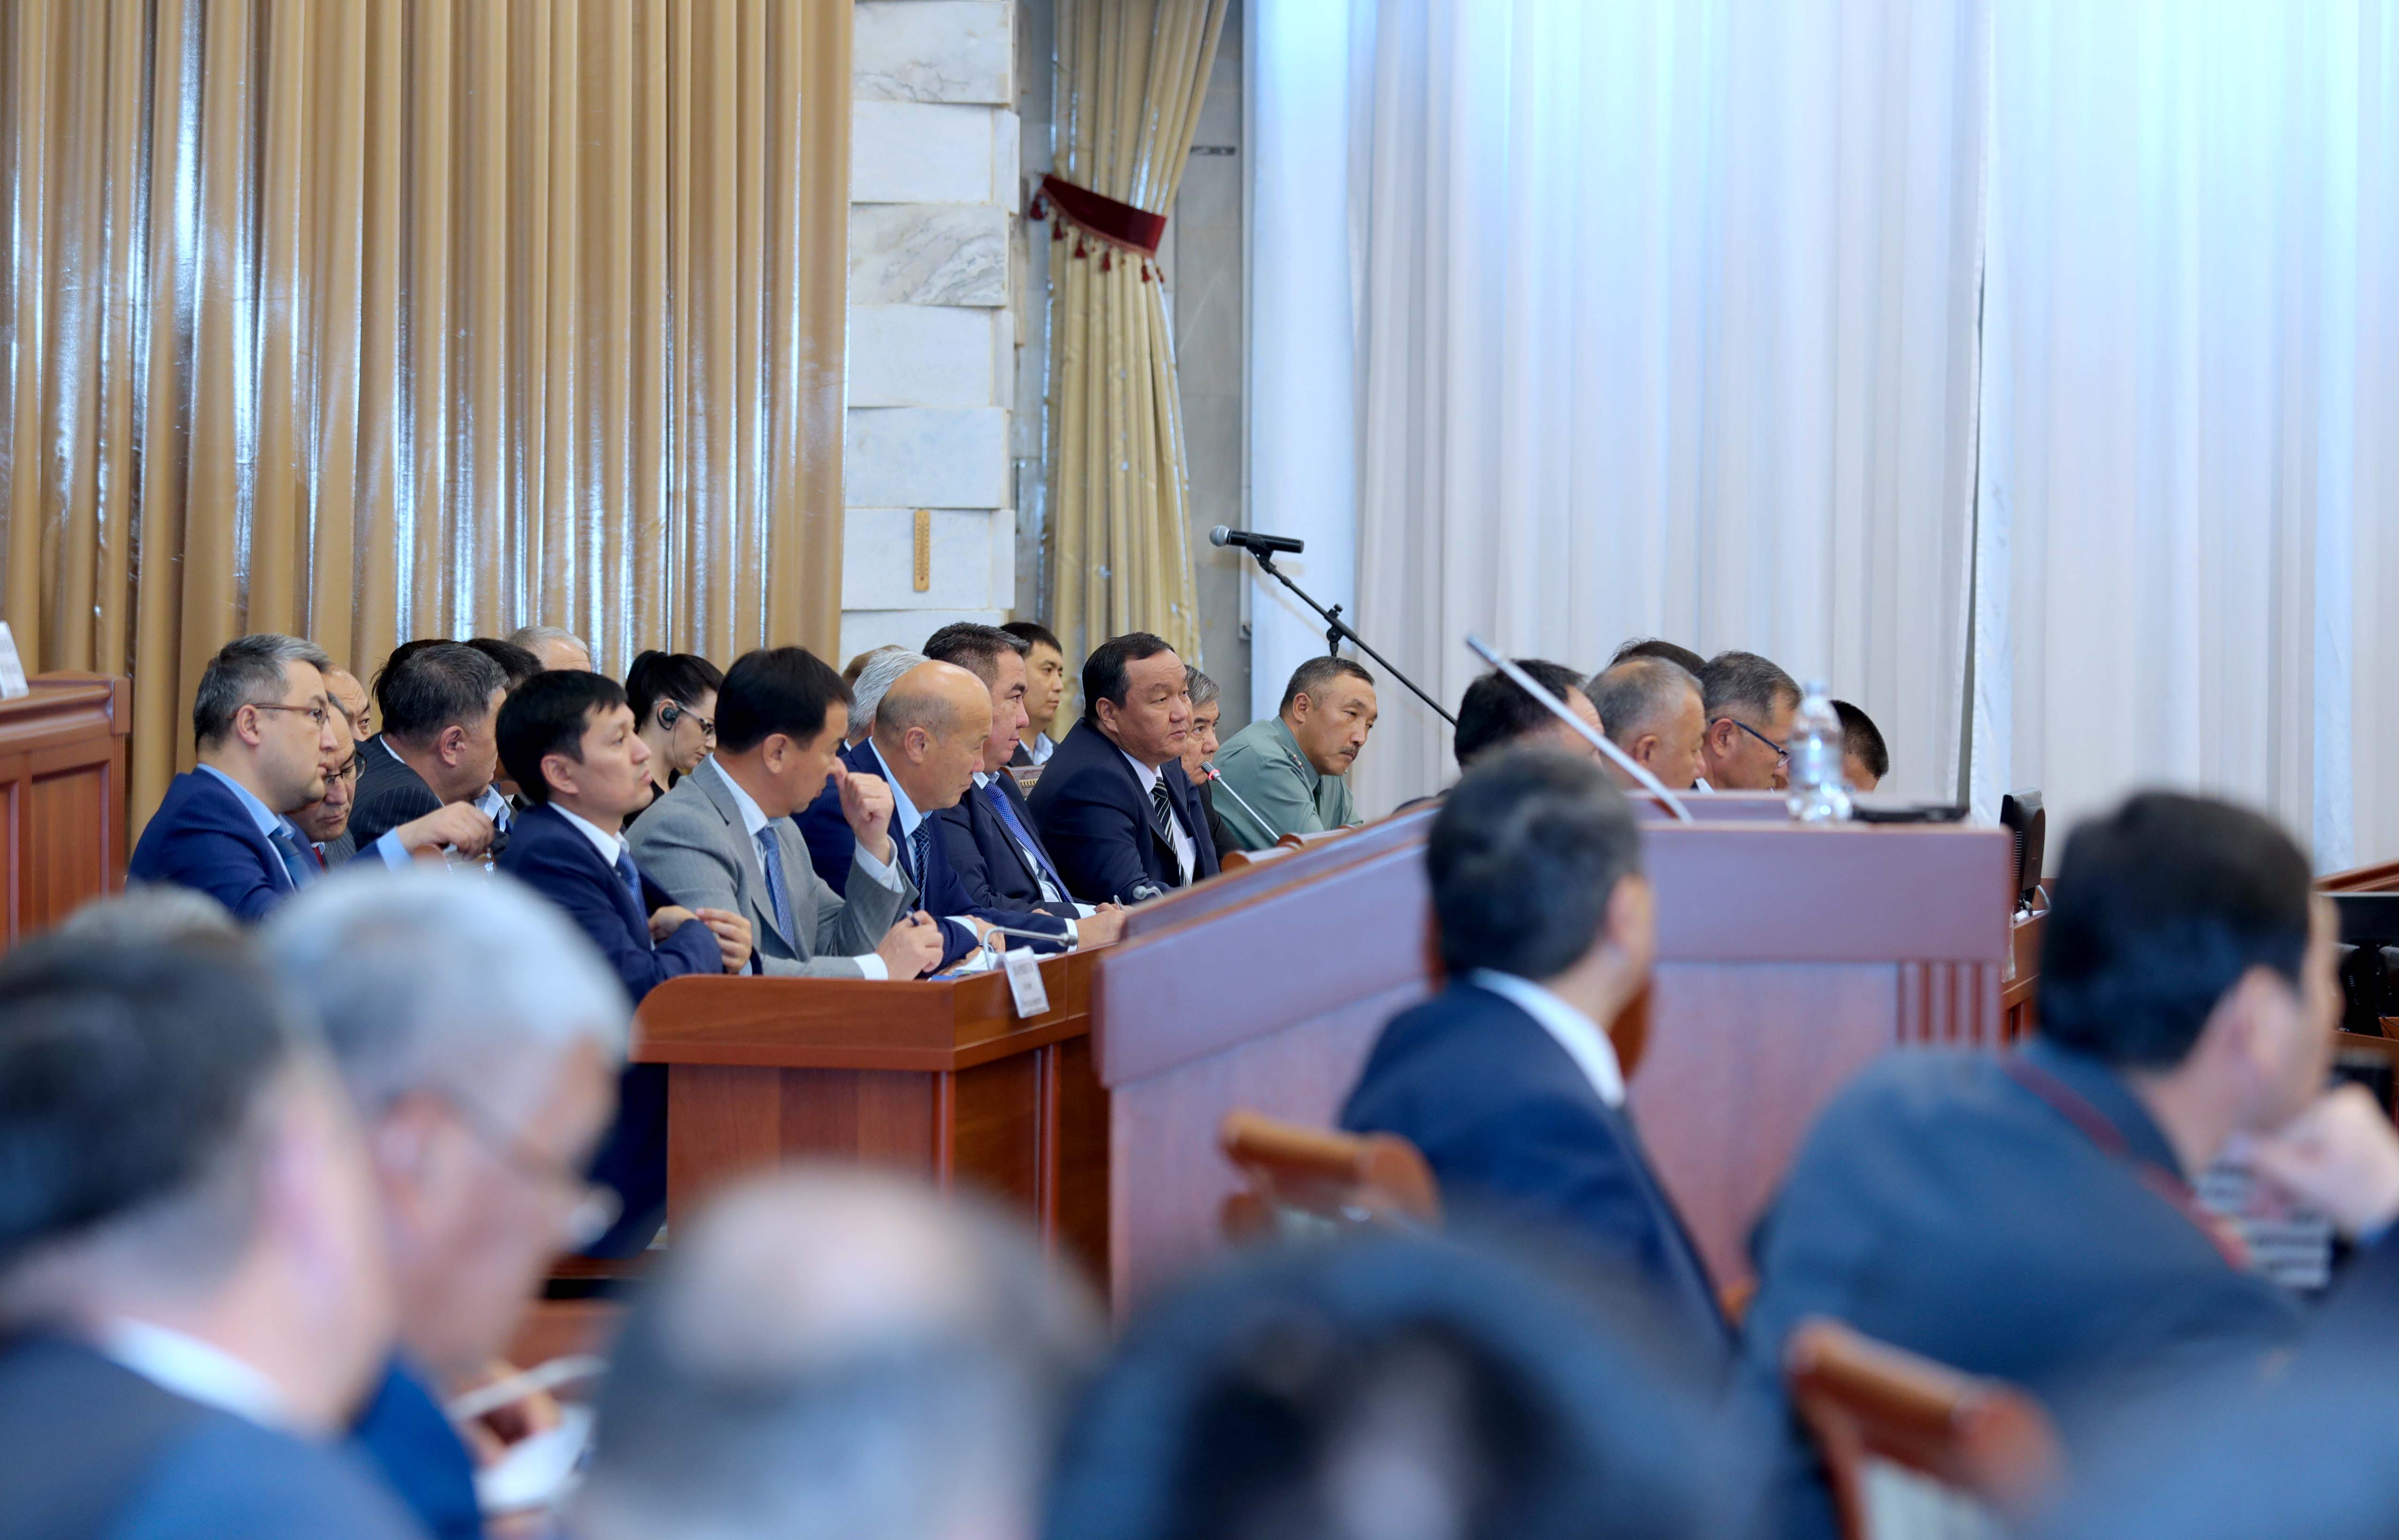 Айтмамат Назаров: Былтыр суу көп болуп Өзбекстанга электр энергиясы экспорттолгон, быйыл экспорттолбойт